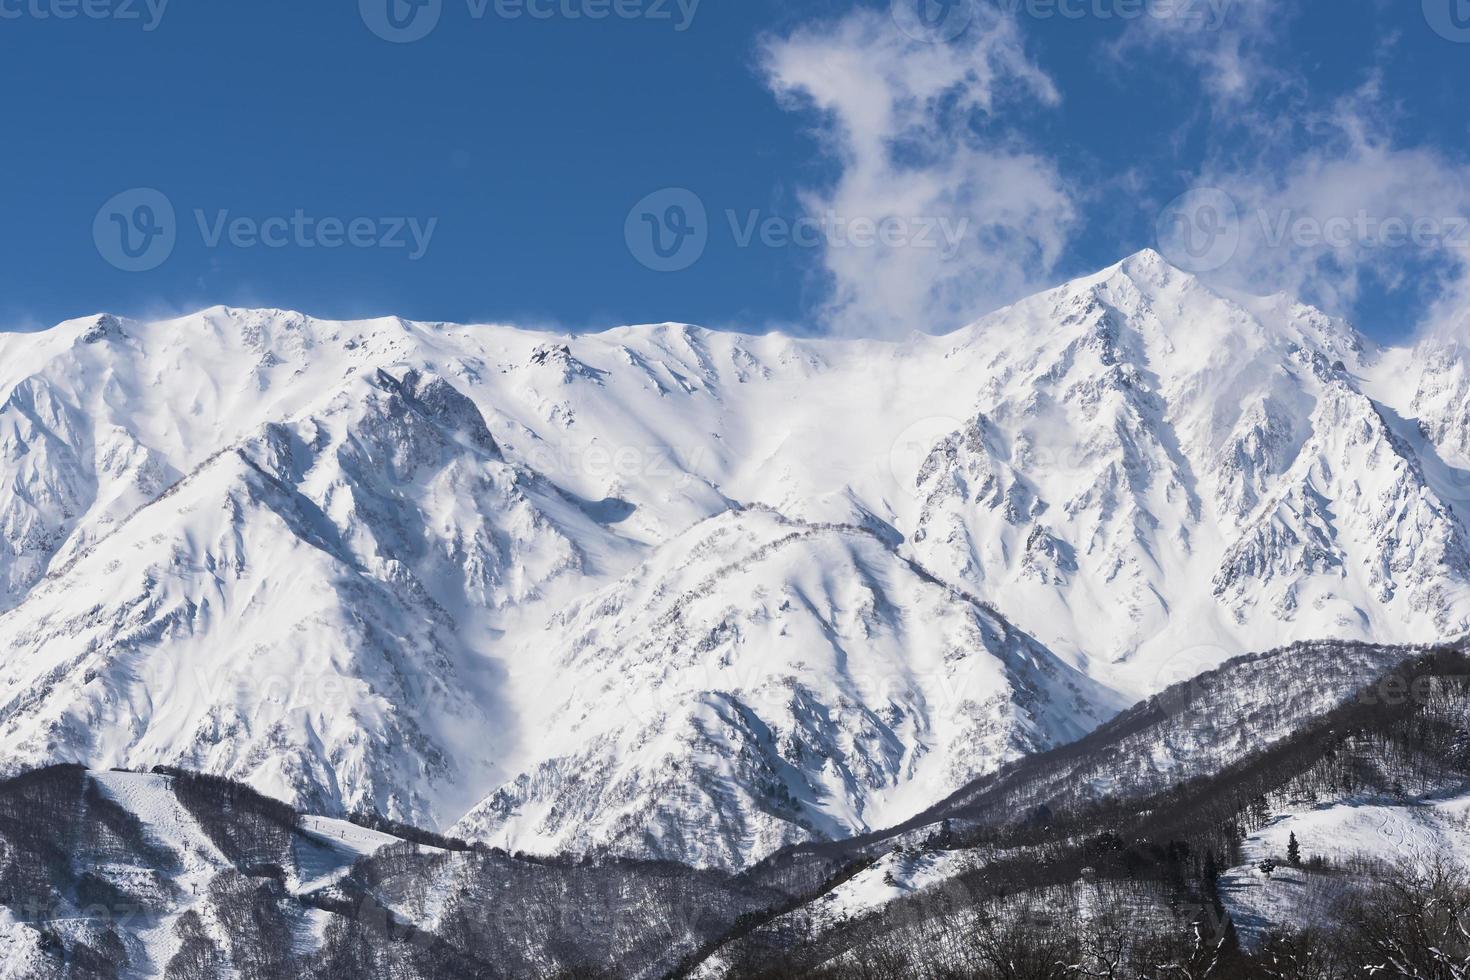 vintern moutains med snö. foto